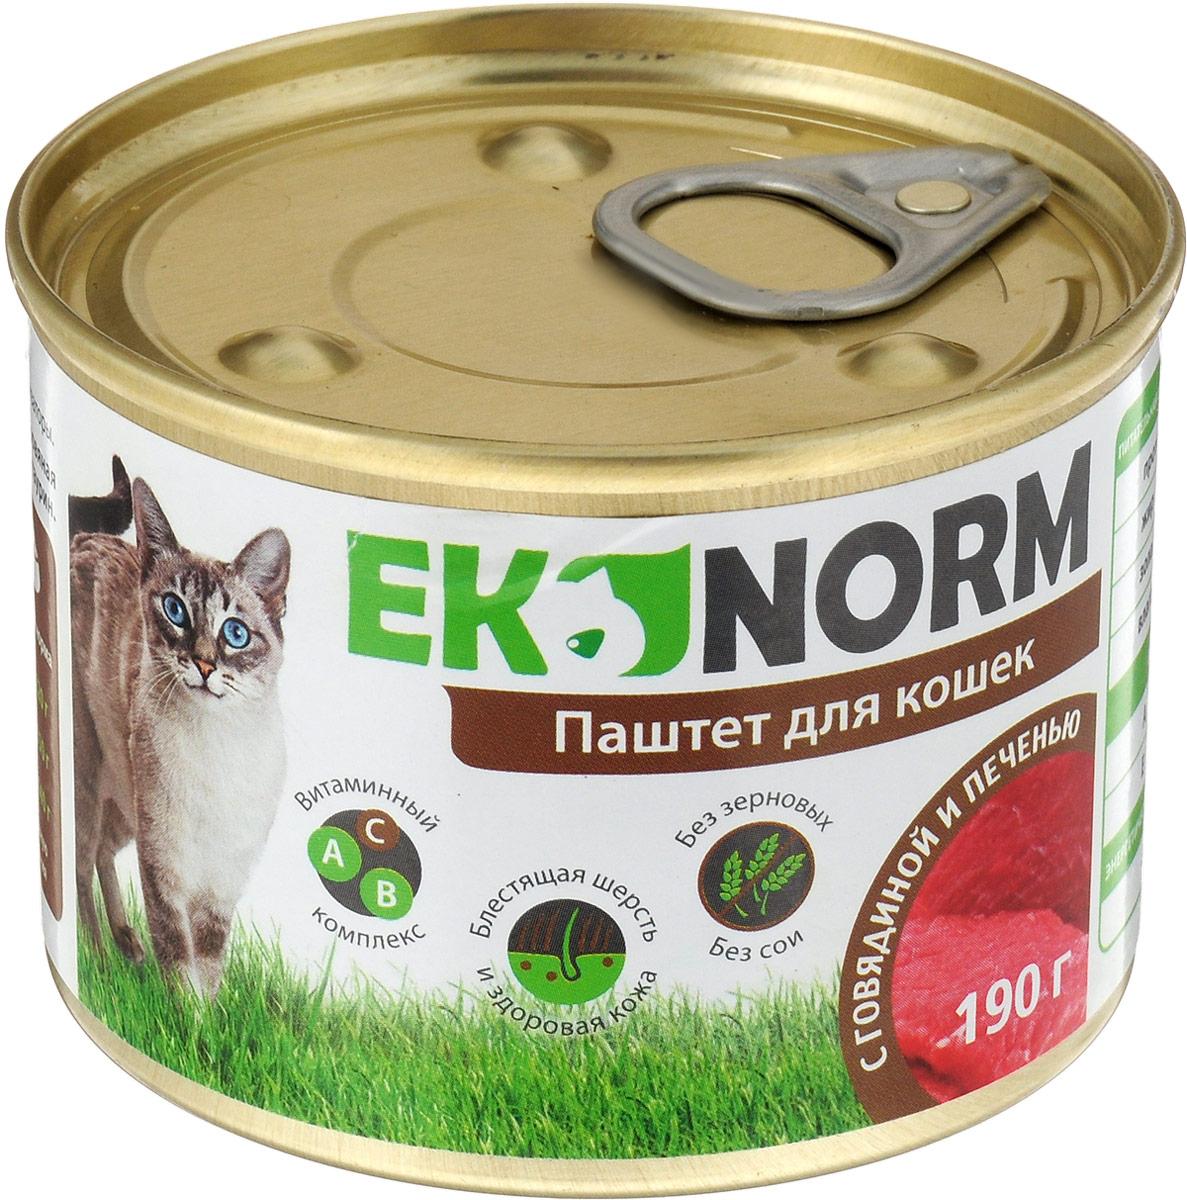 Корм консервированный для кошек Ekonorm Паштет, с говядиной и печенью, 190 г корм консервированный для кошек pcg ме о тунец в желе 400 г